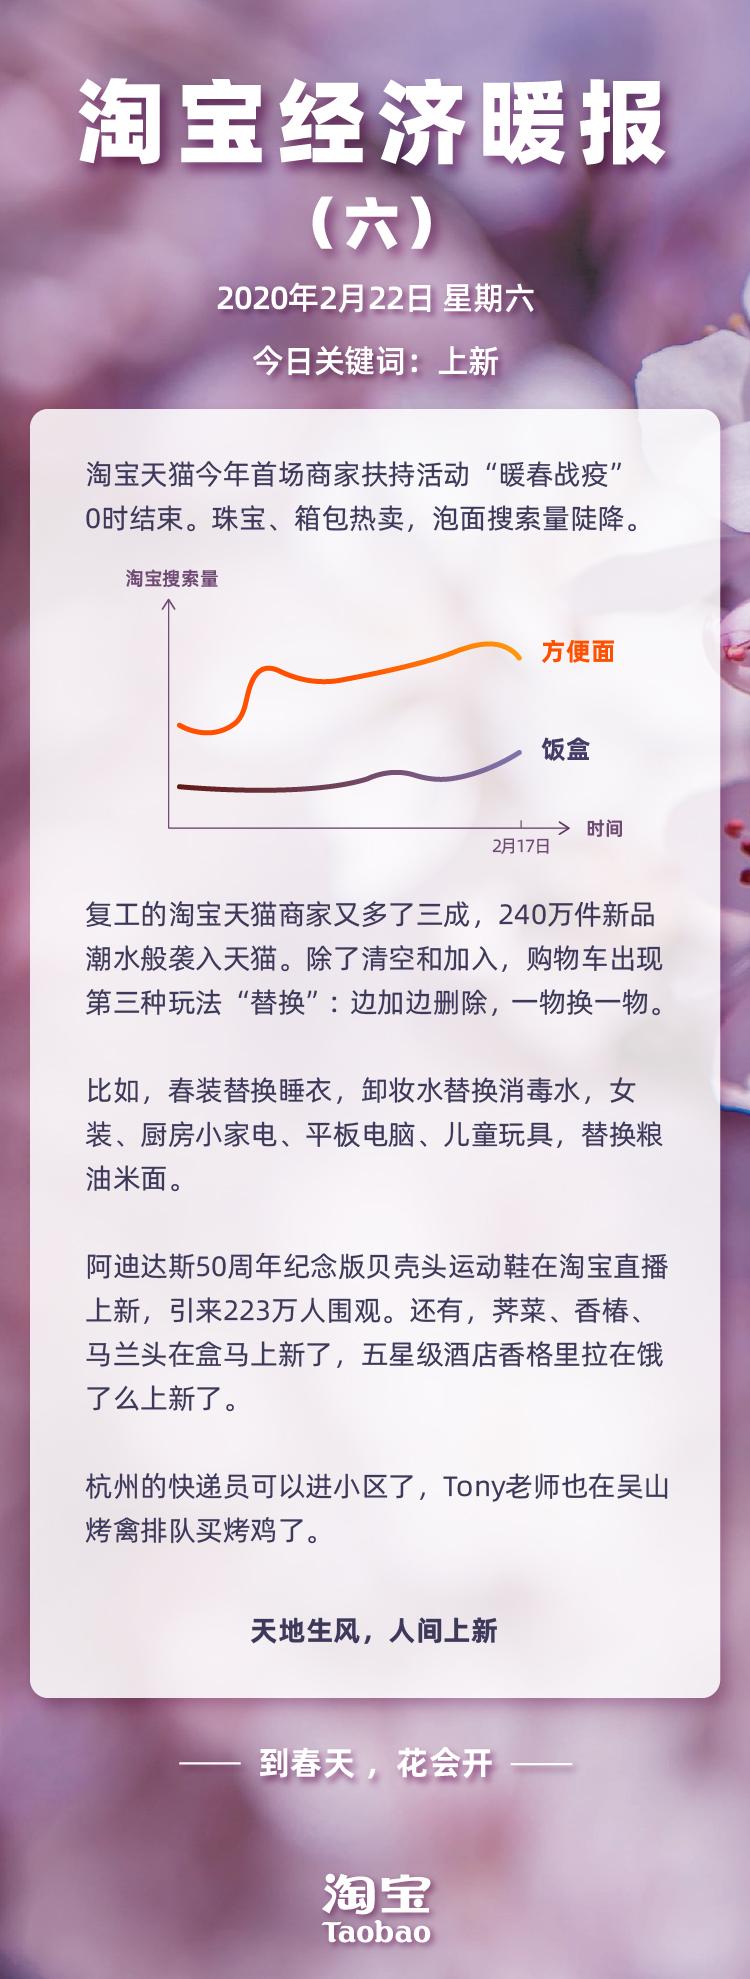 """淘宝经济暖报:240万新品天猫首发品牌集体开启""""云上新"""""""